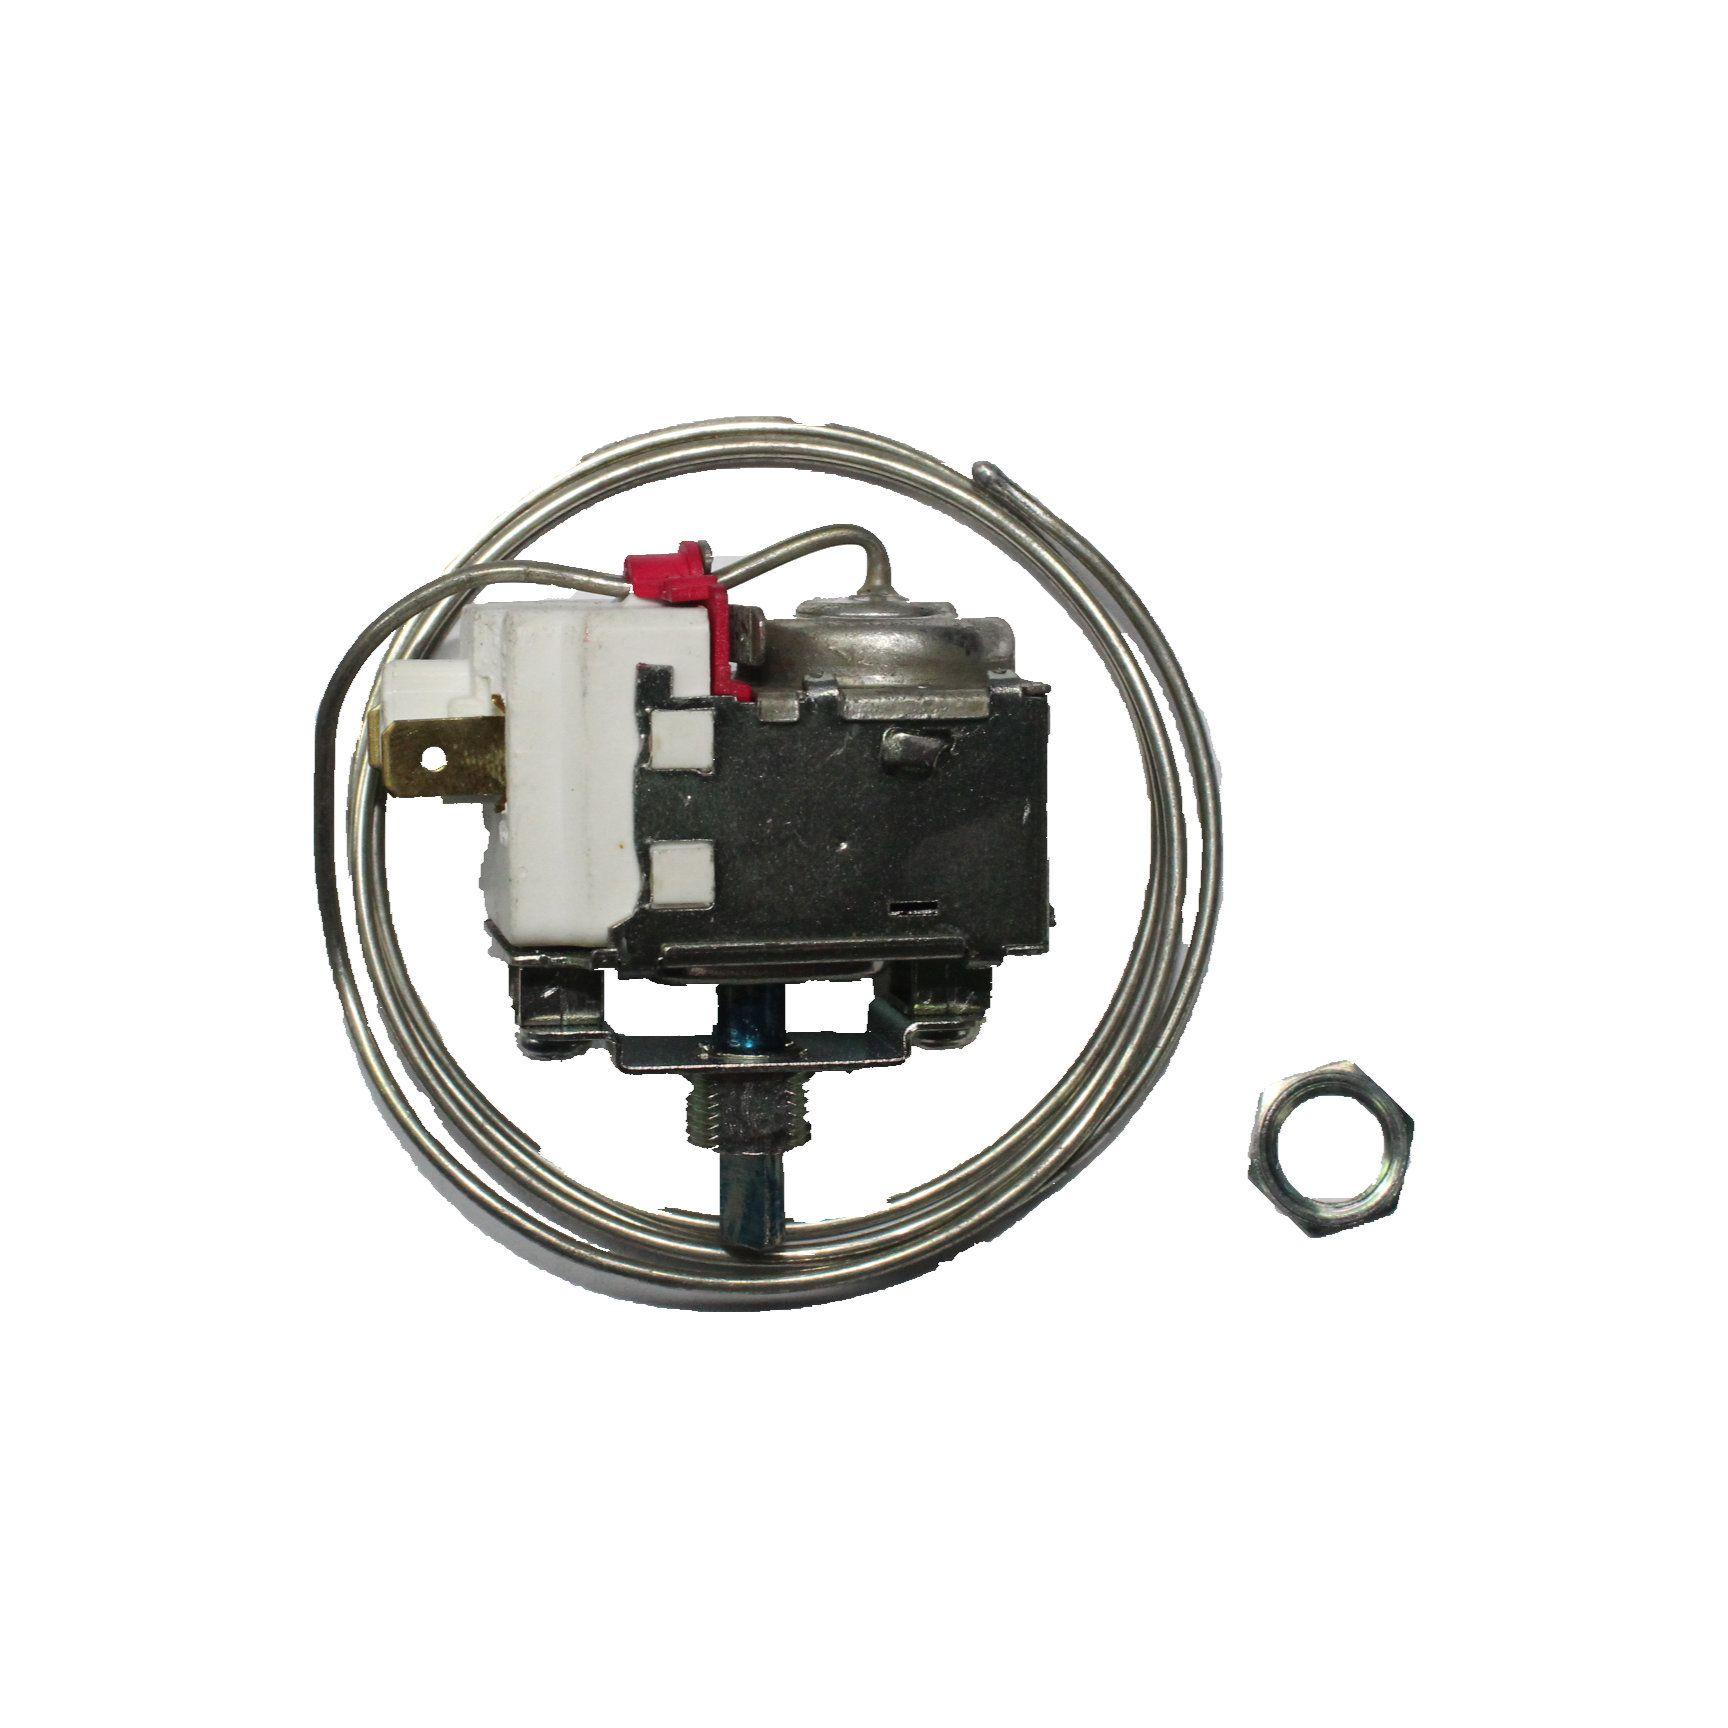 Sensor Termostato  Rotativo Universal c/ Regulagem de Temperatura